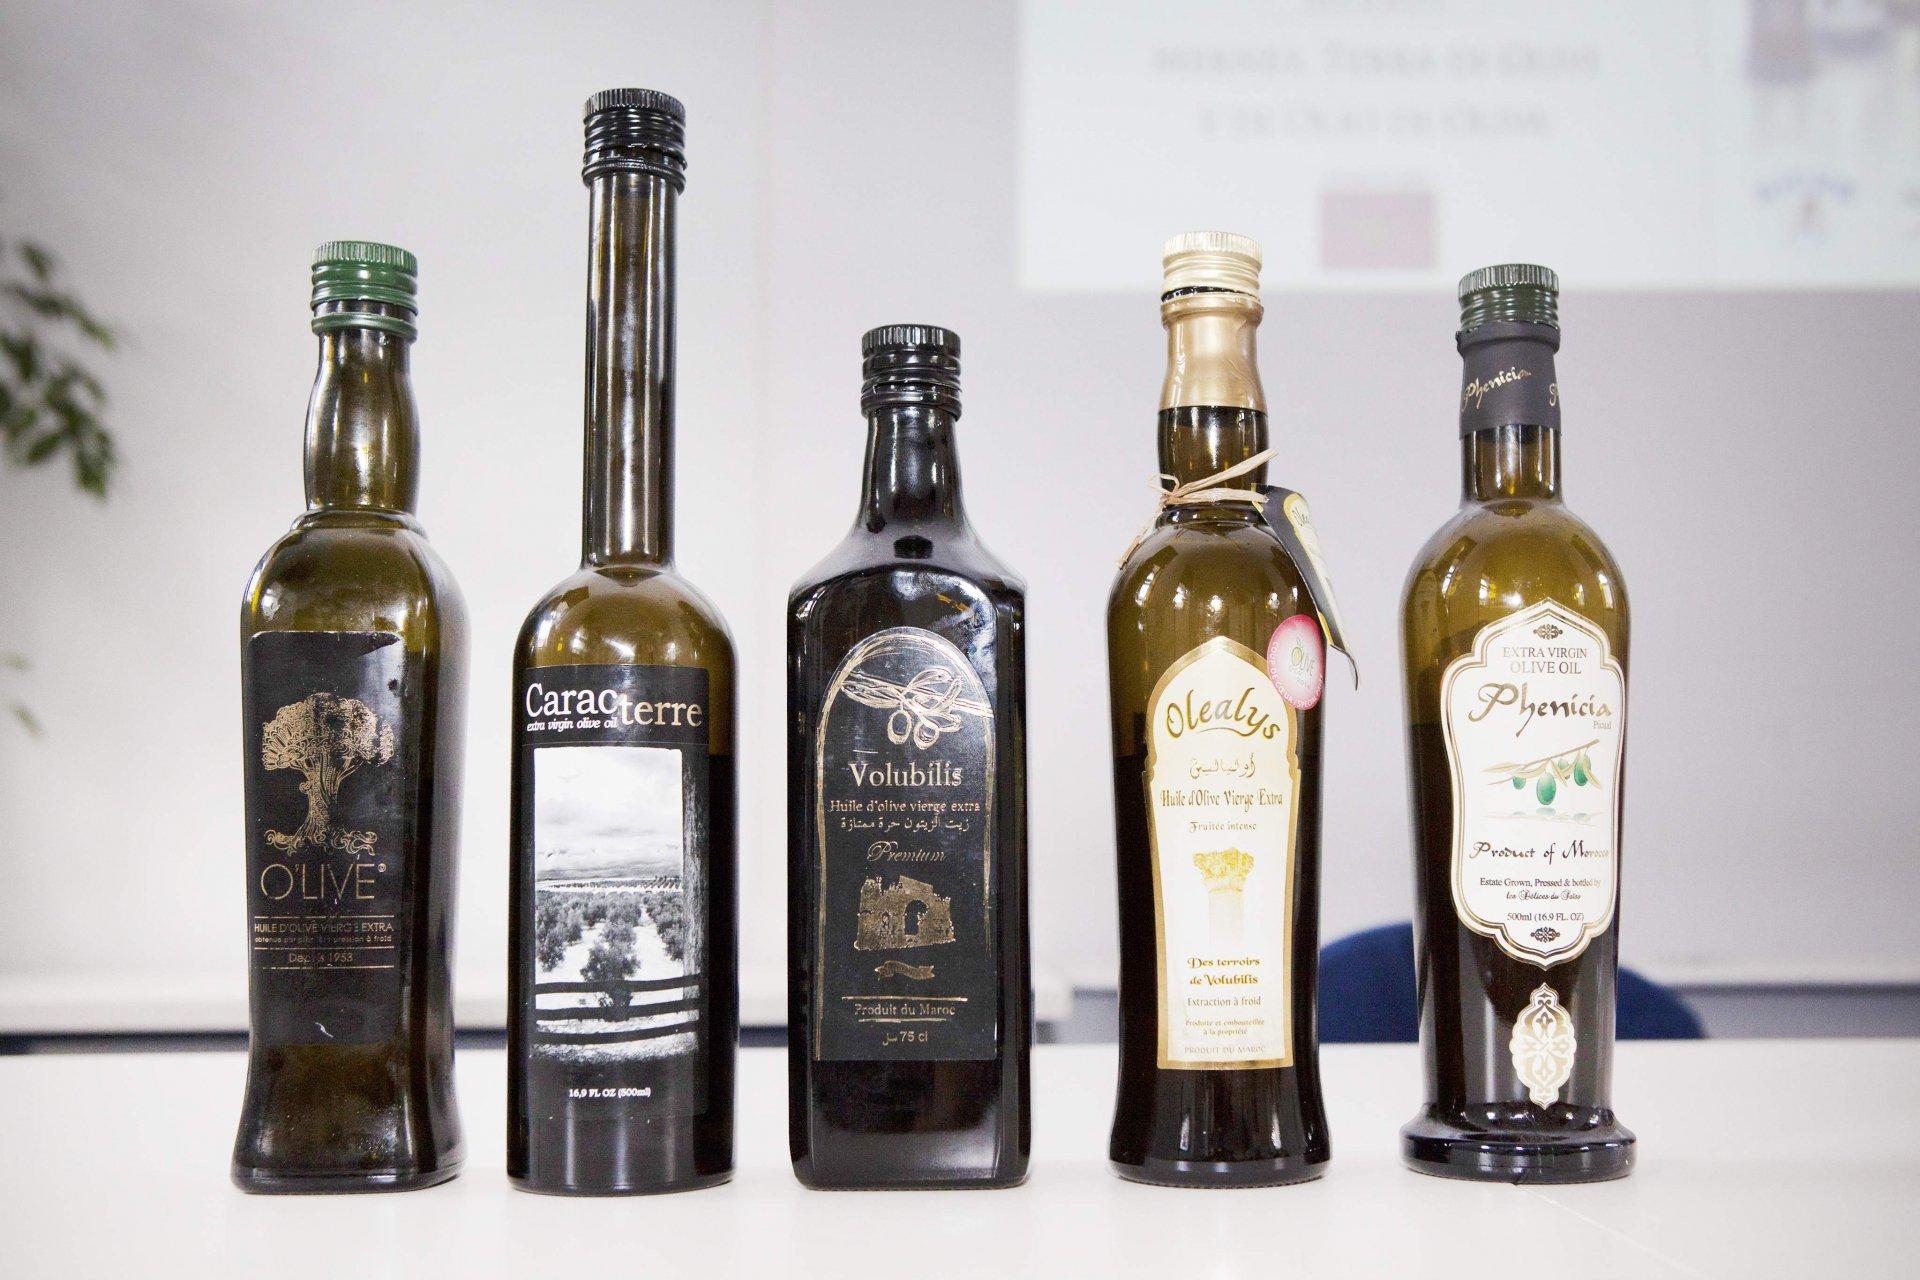 Morocco's olive oil